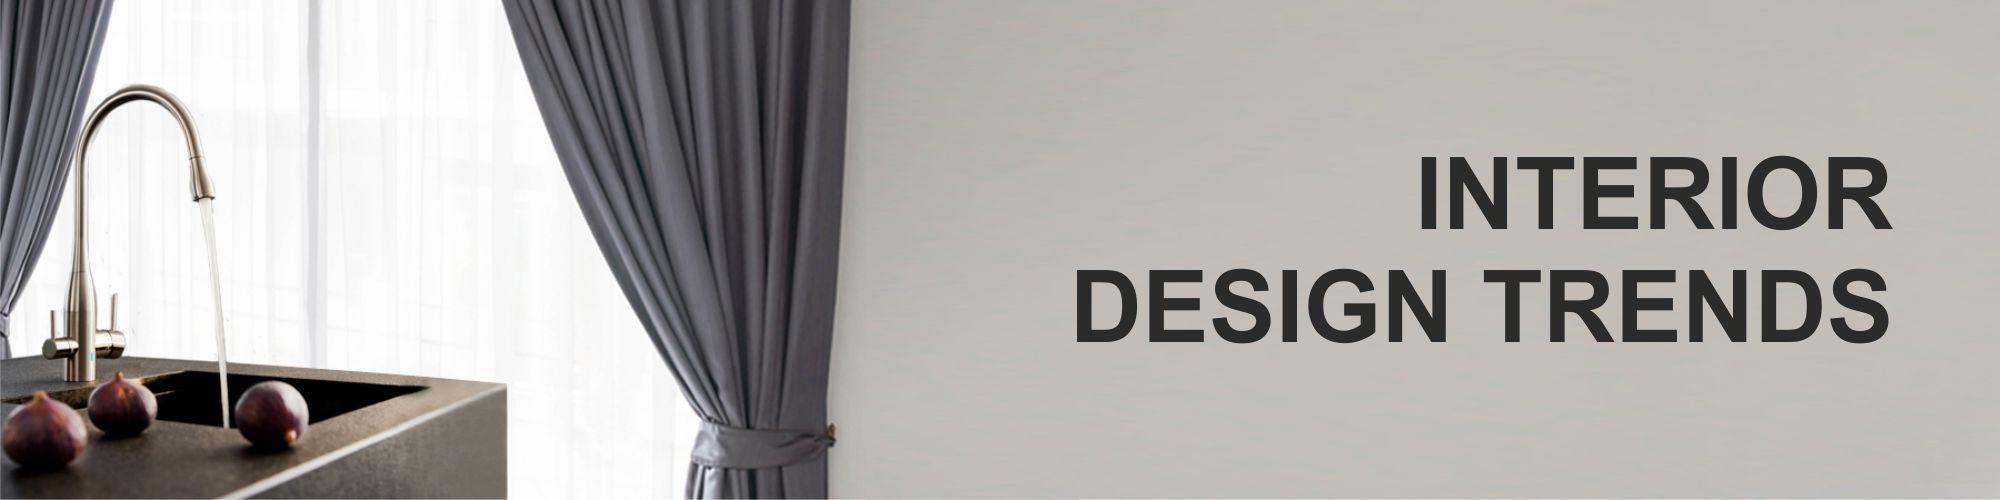 interior design trends faucet